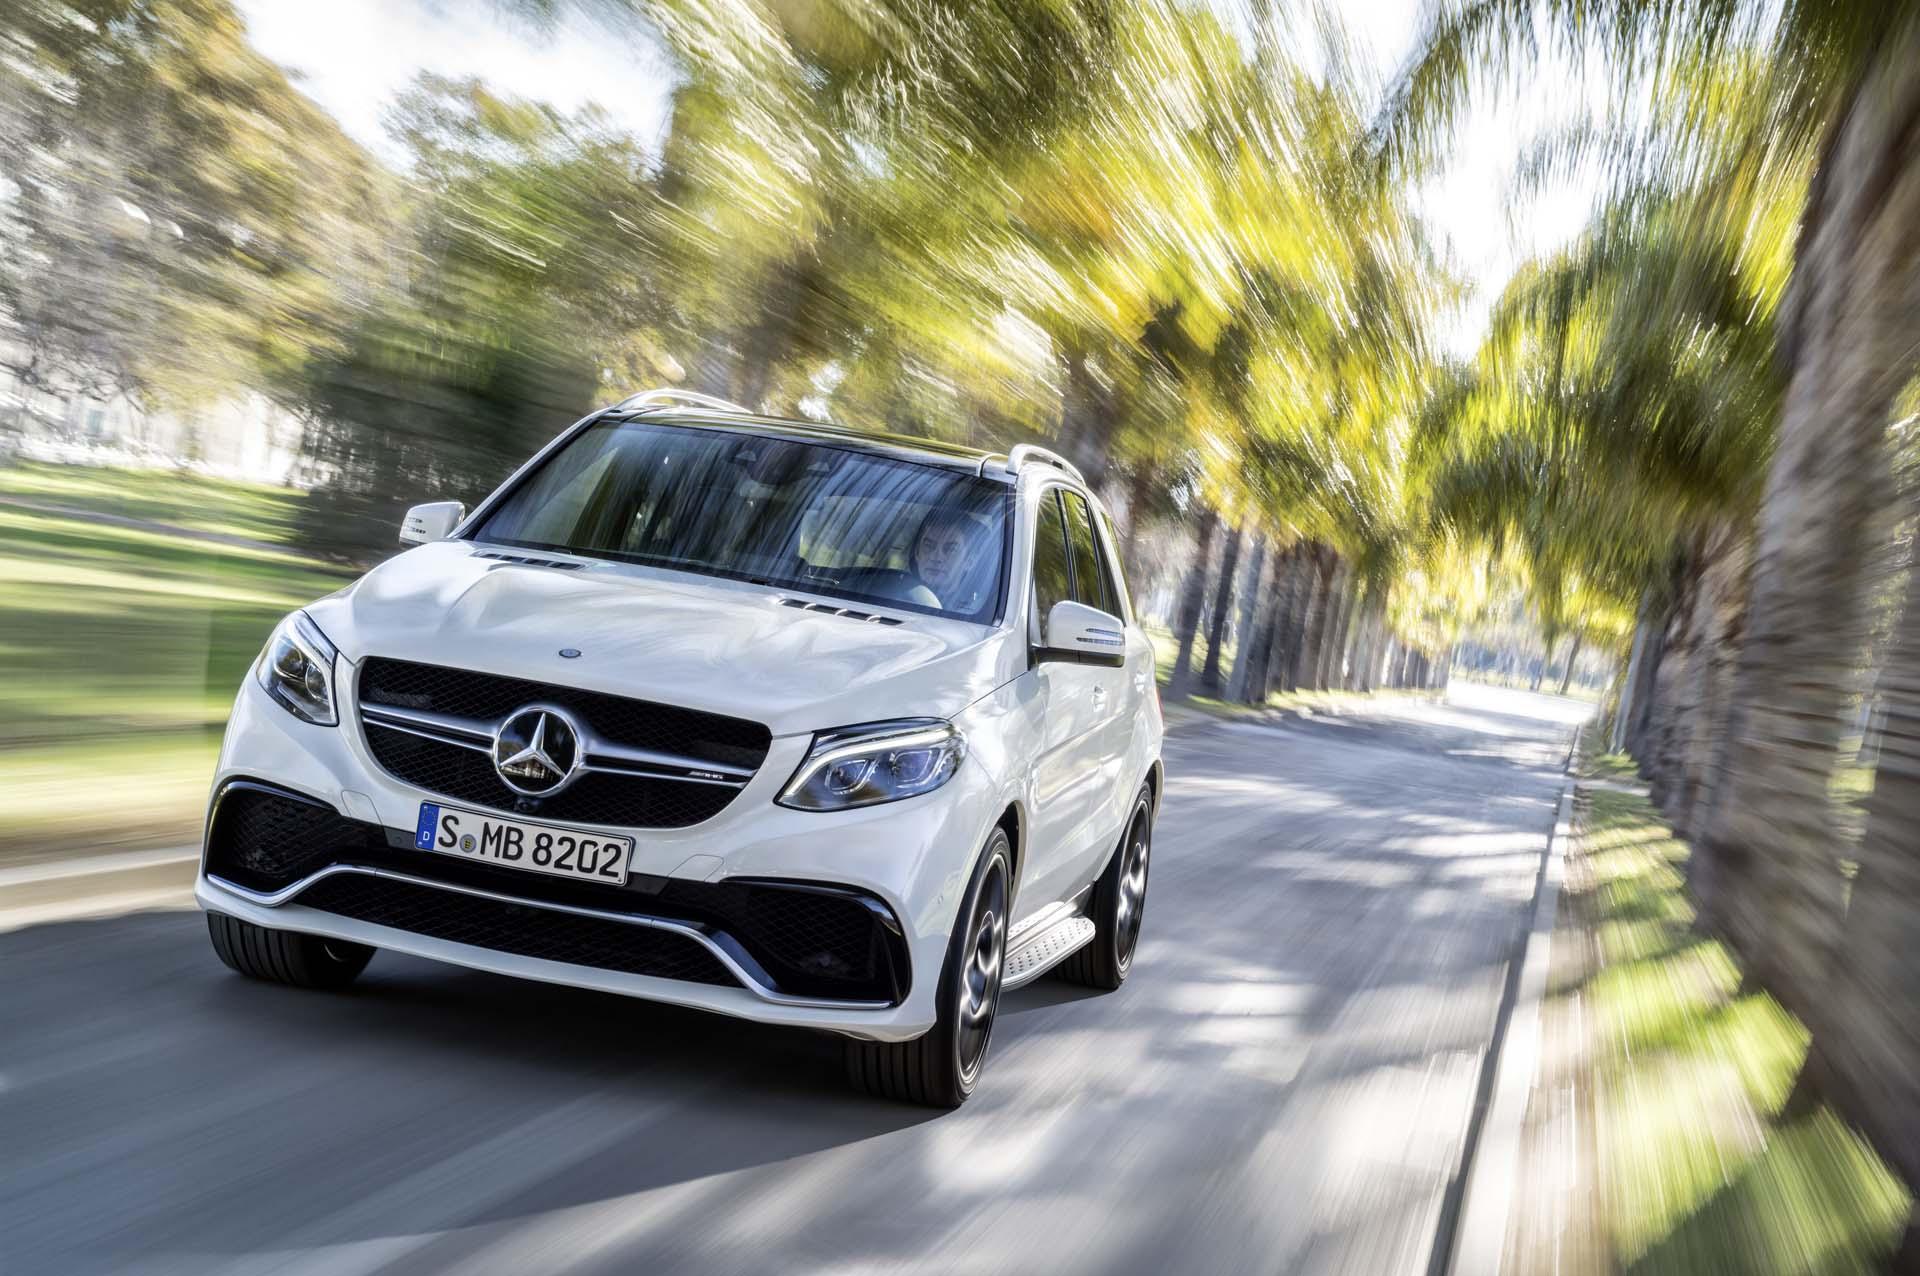 Mercedes-AMG GLE 63 S, Exterieur: designo diamantweiß bright ;</p> <p>Mercedes-AMG GLE 63 S, exterior: designo diamond white bright;